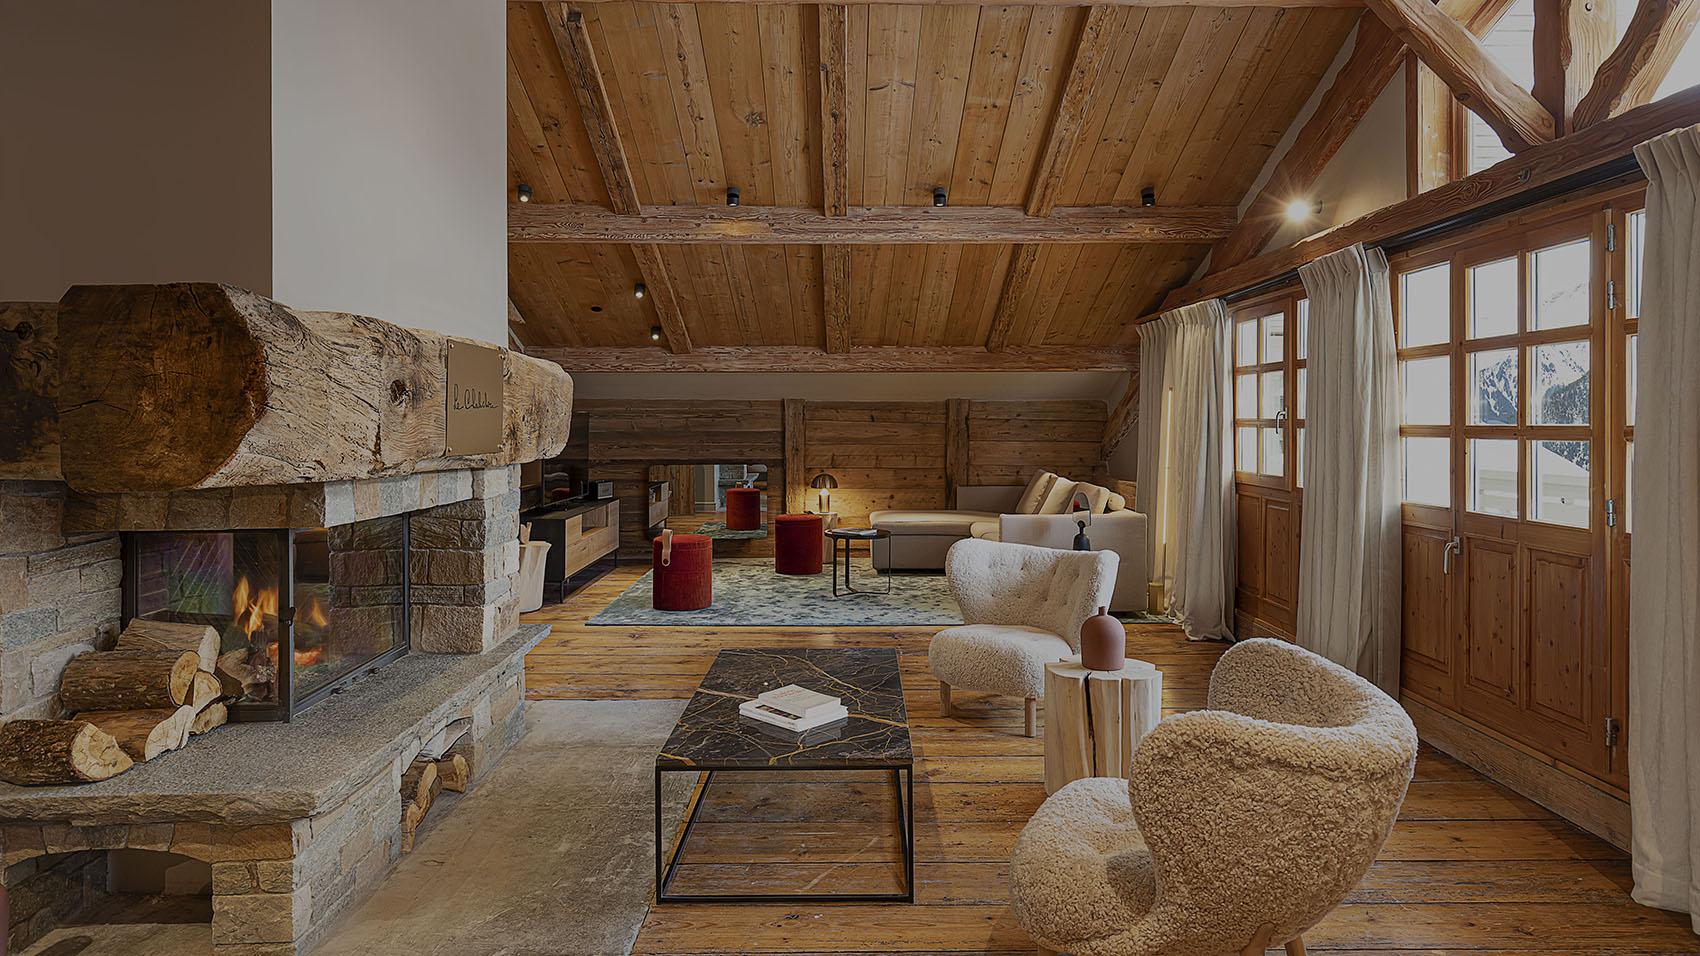 Photographe architecture intérieure à Lyon, Annecy, Rhône-Alpes, Savoie et montagne, Florian Peallat